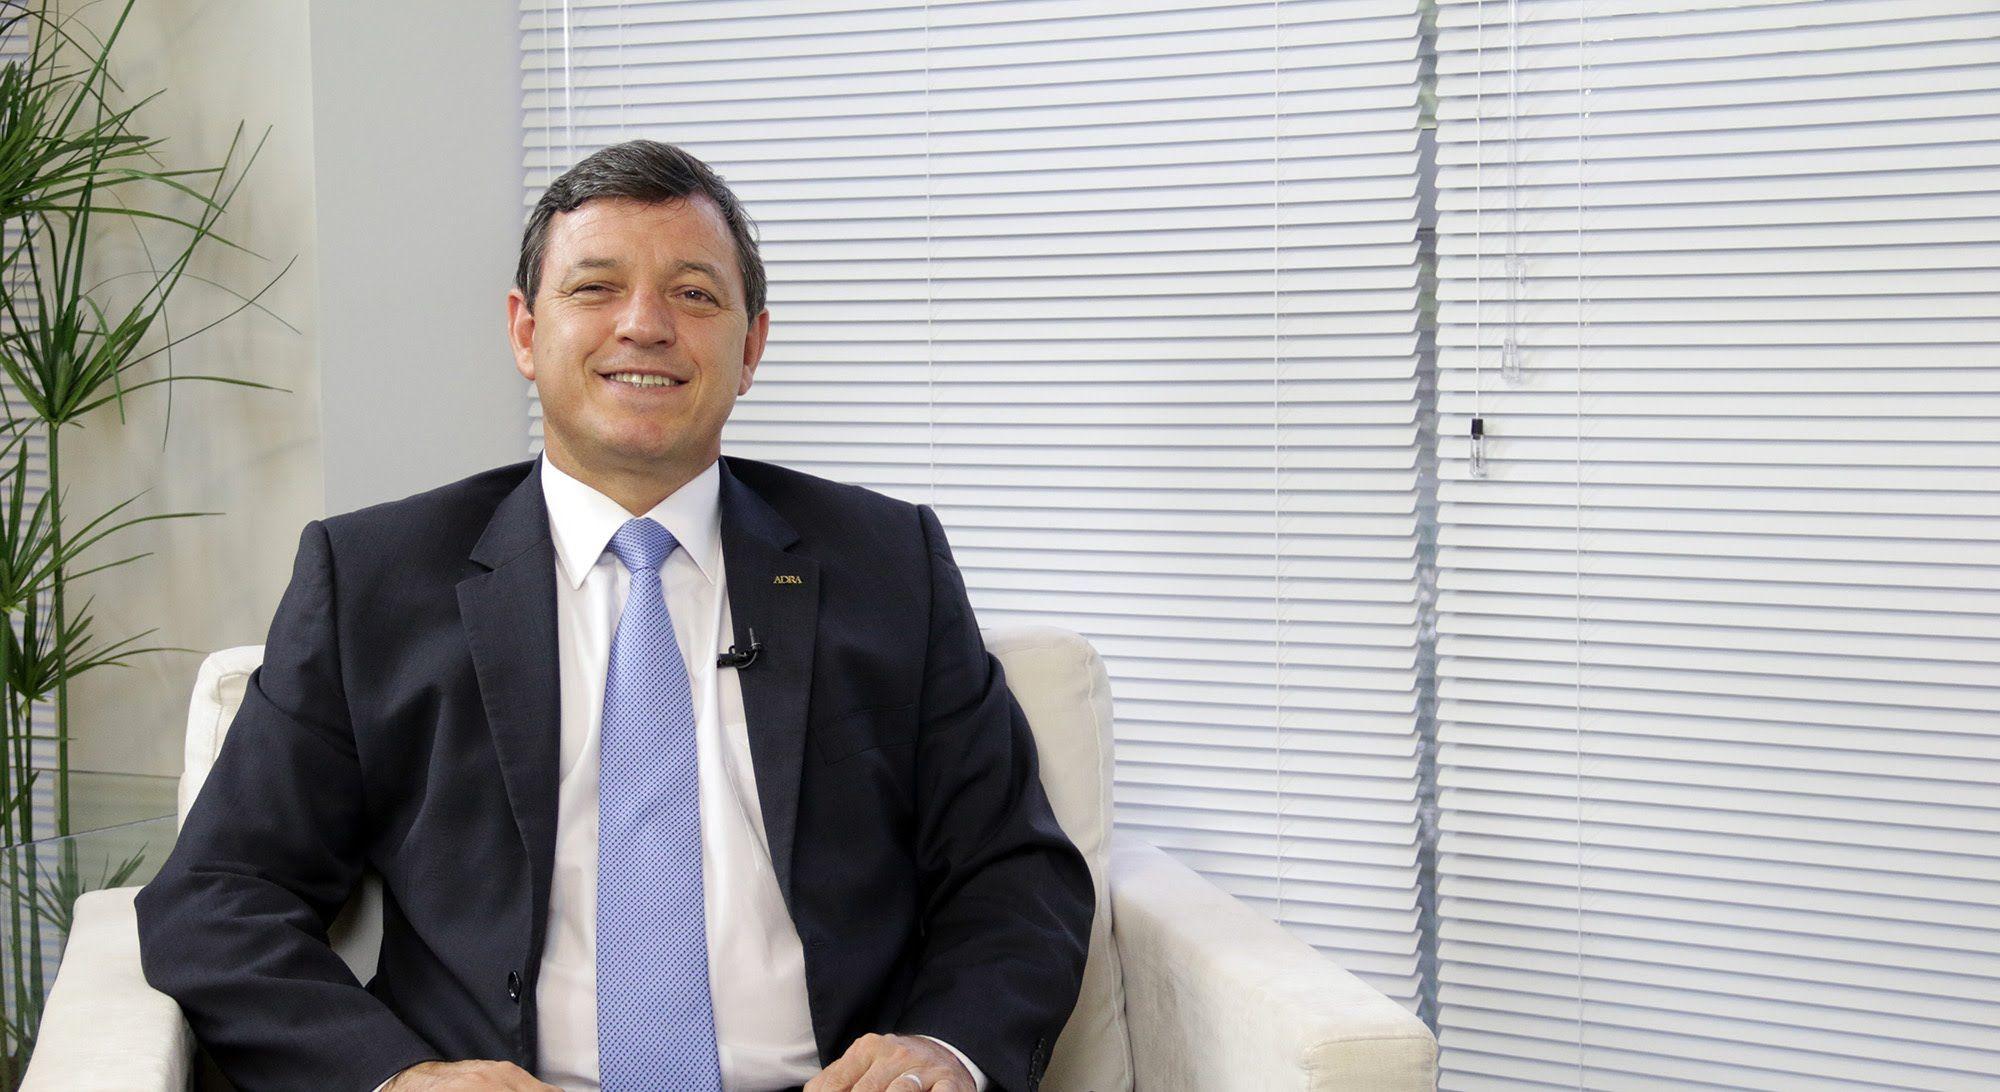 Ajuda aos refugiados - Pastor Paulo Lopes